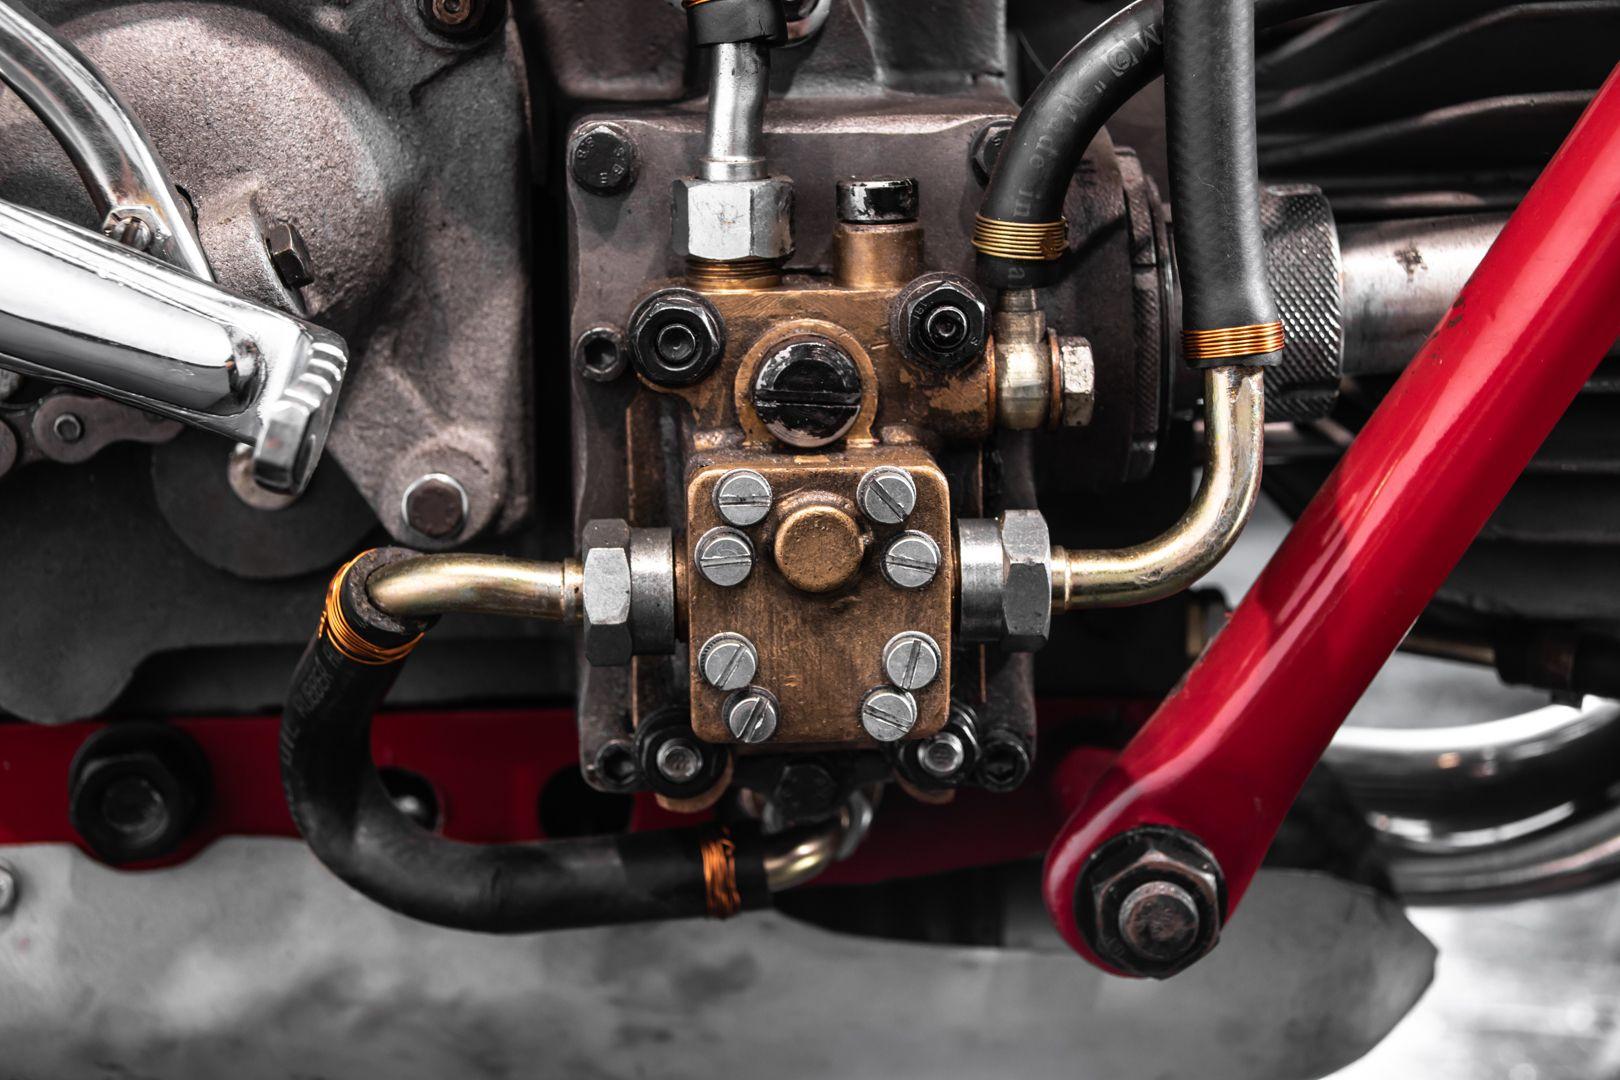 1938 Moto Guzzi 250 Compressore 77242